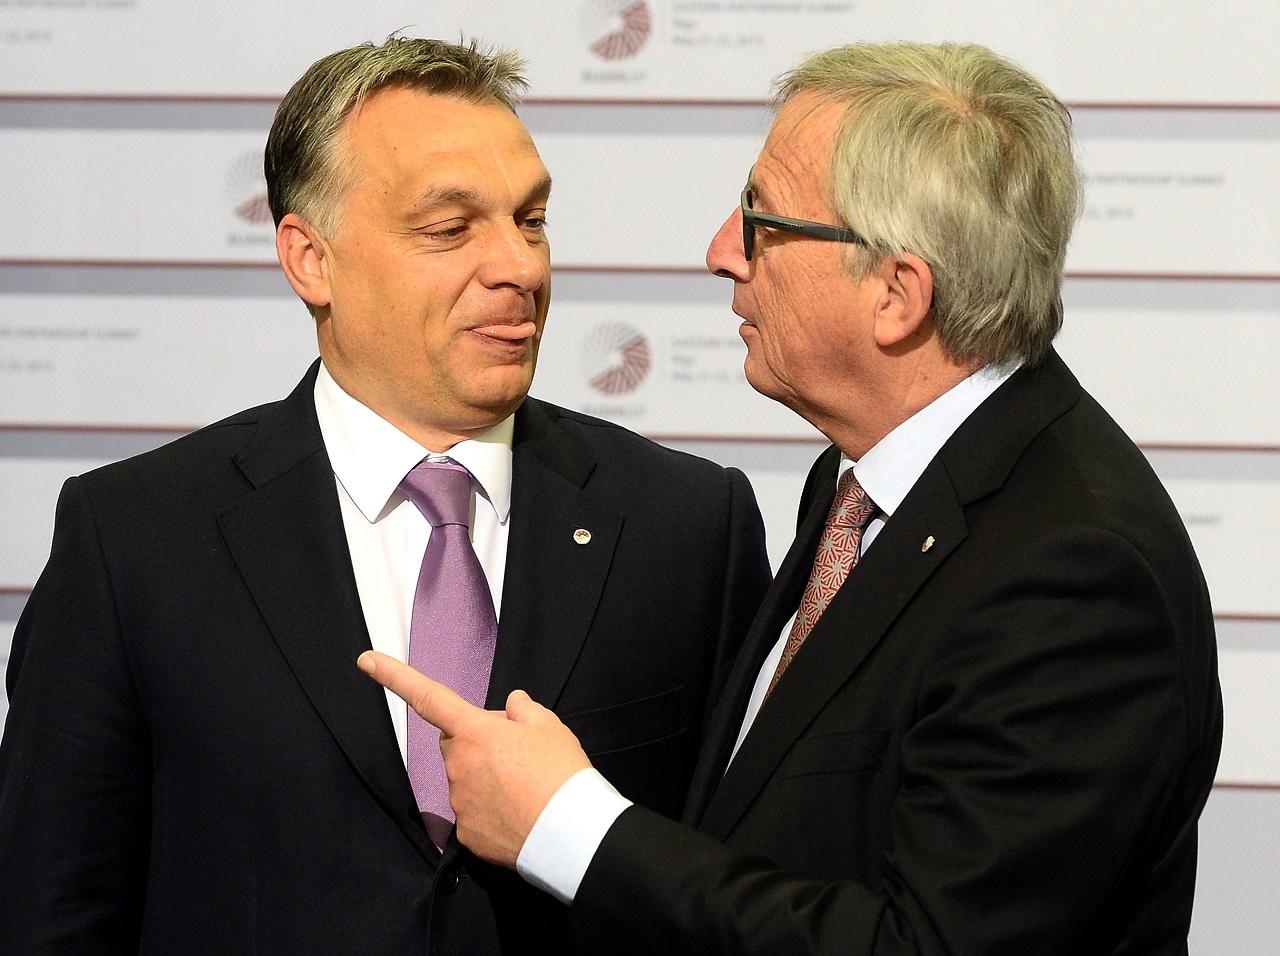 Személyes találkozót kér Junckertől a Megyei Jogú Városok Szövetsége